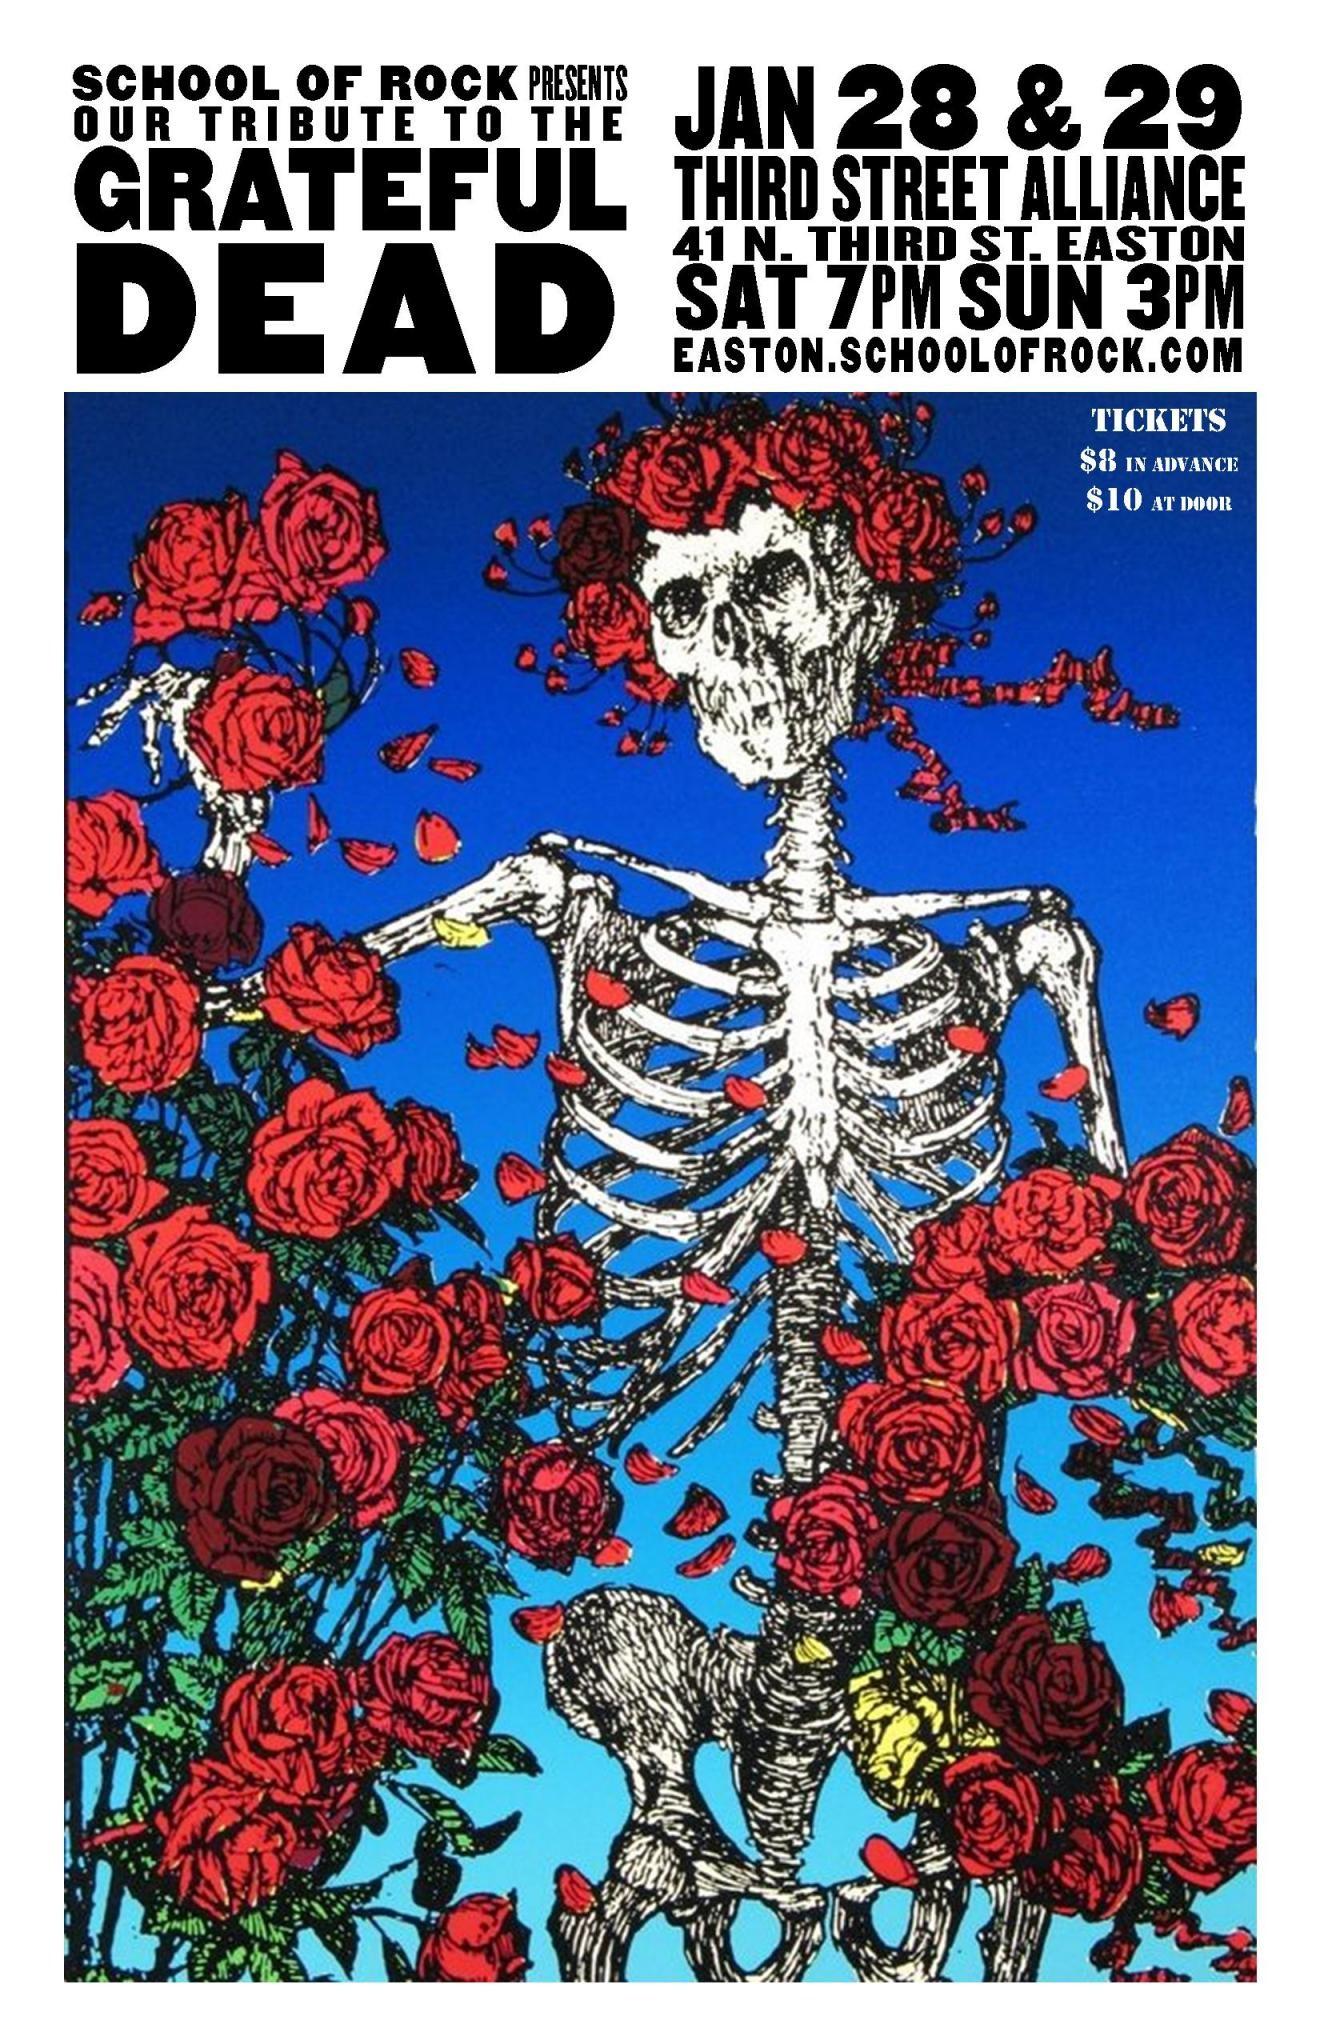 Lion Live Wallpaper Iphone X Grateful Dead Wallpaper 62 Images